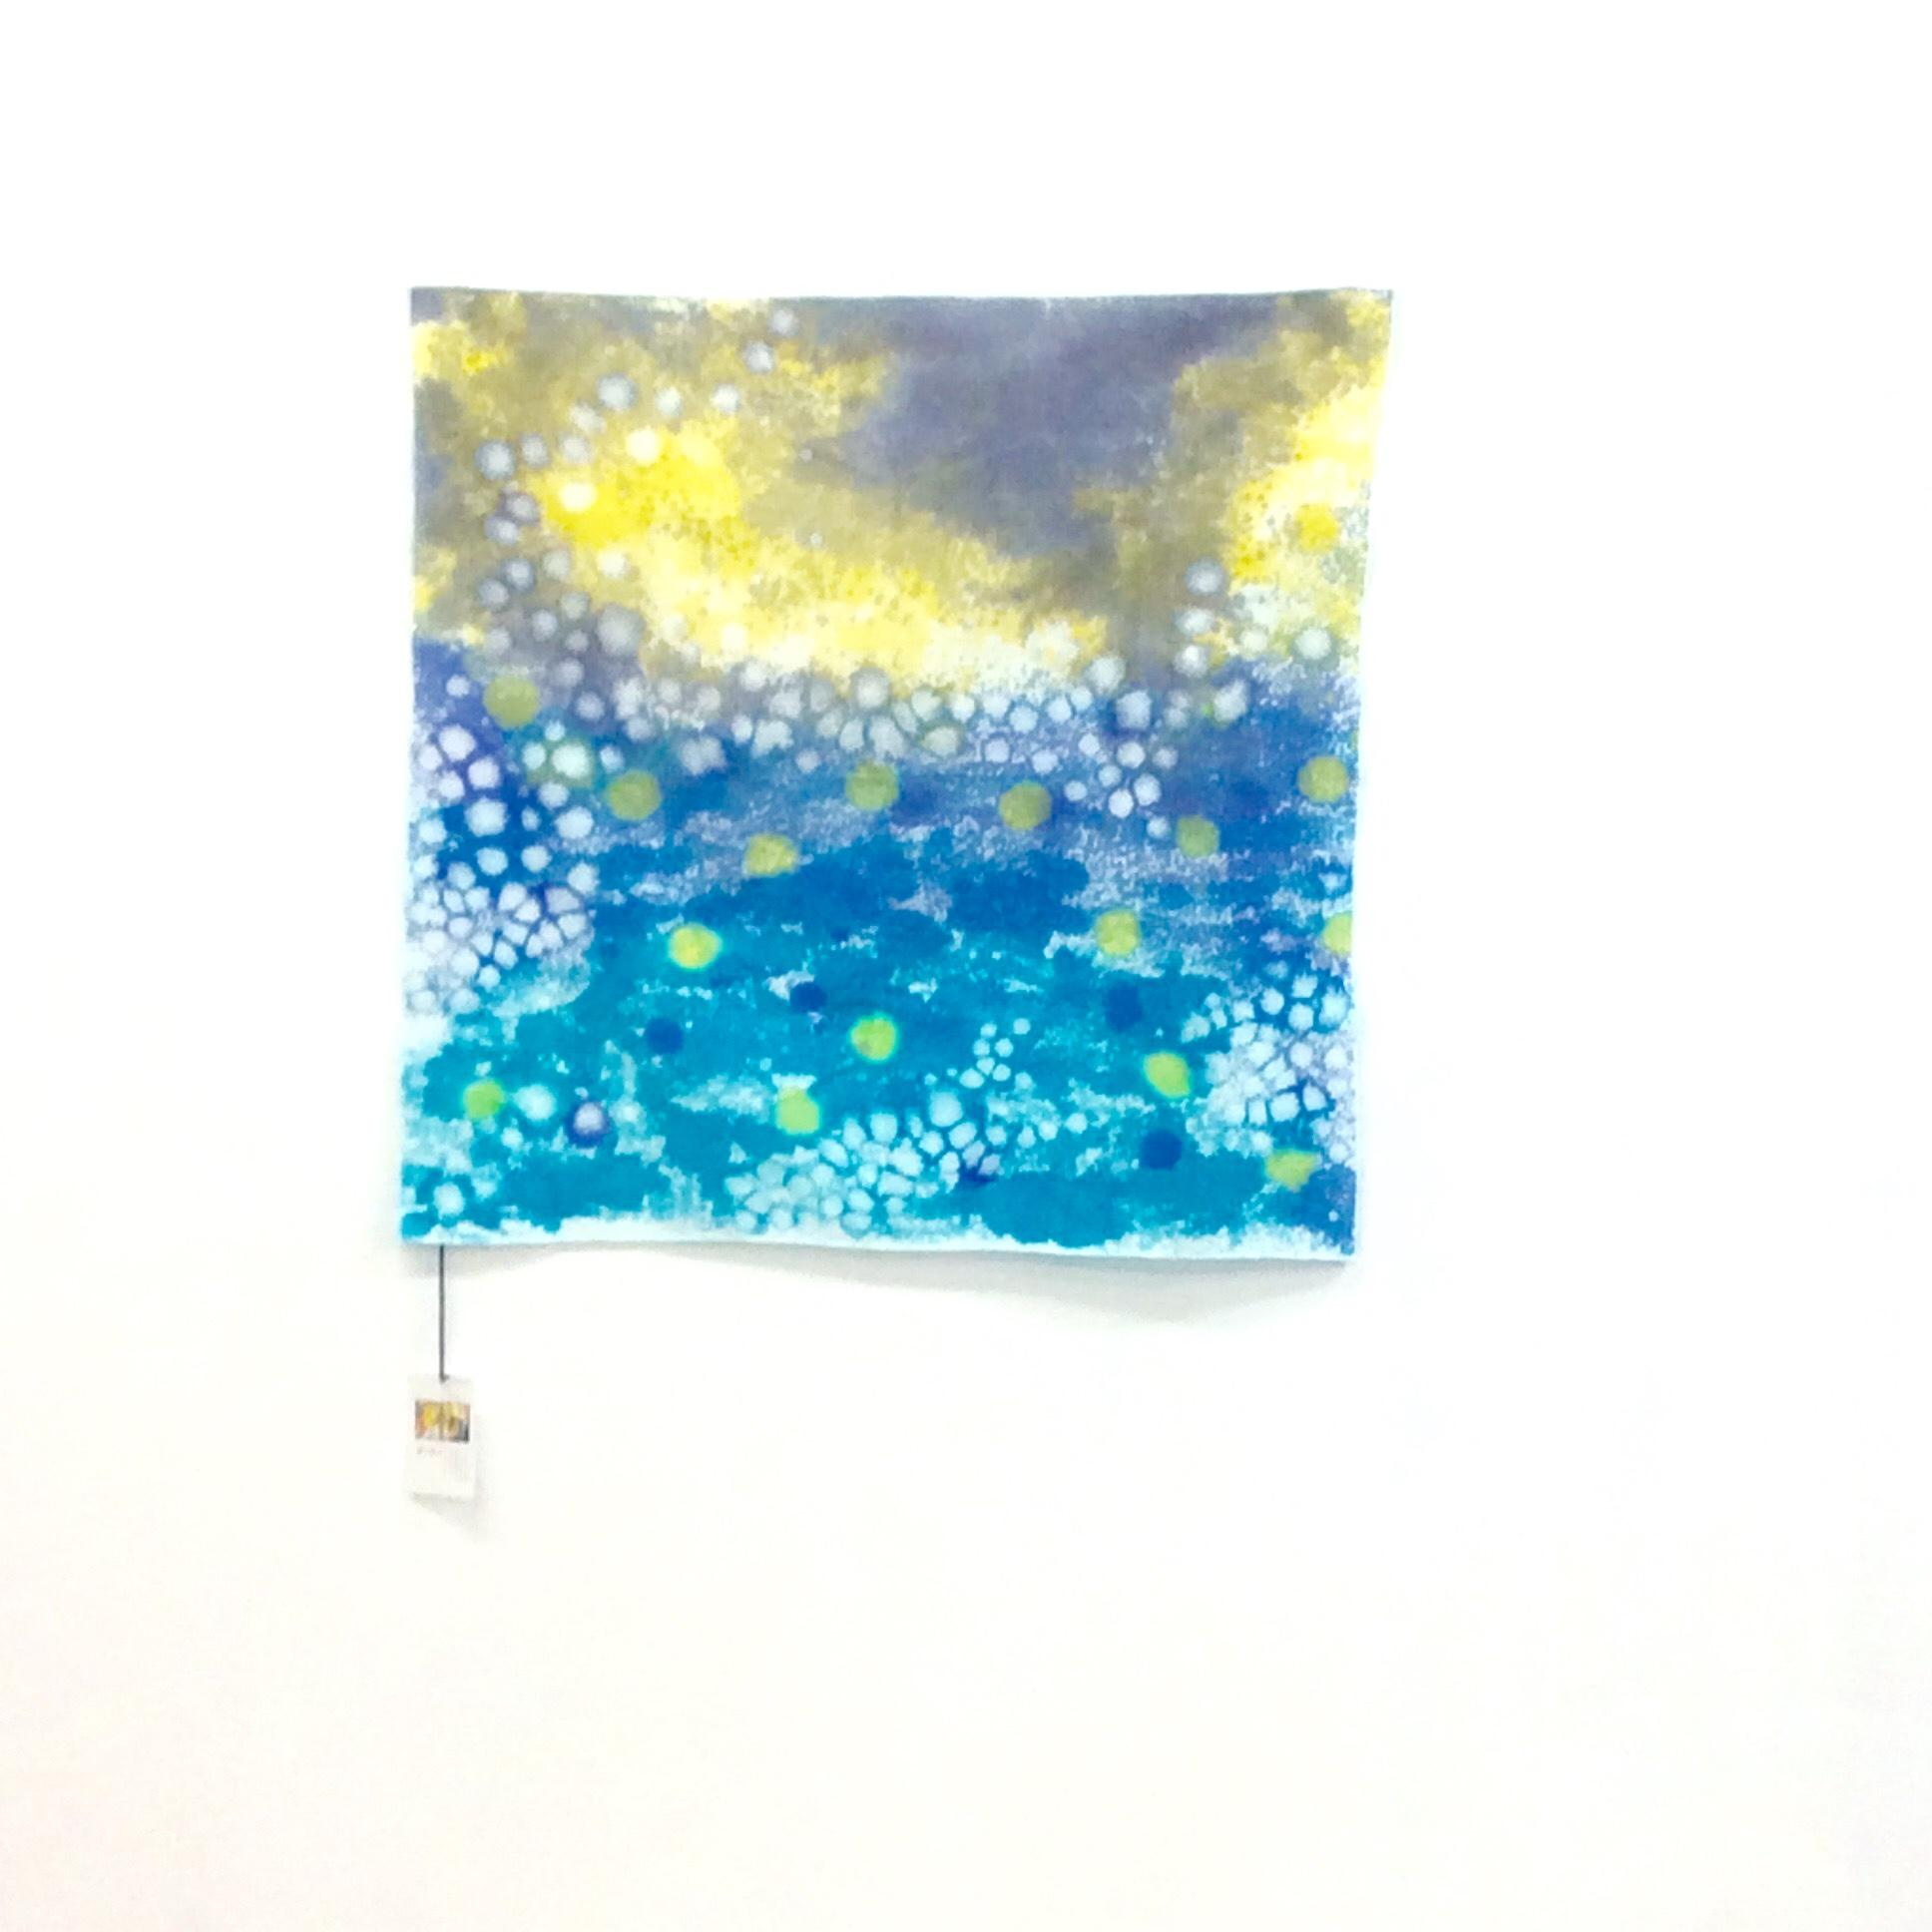 スプラッシュ染めスカーフaの画像